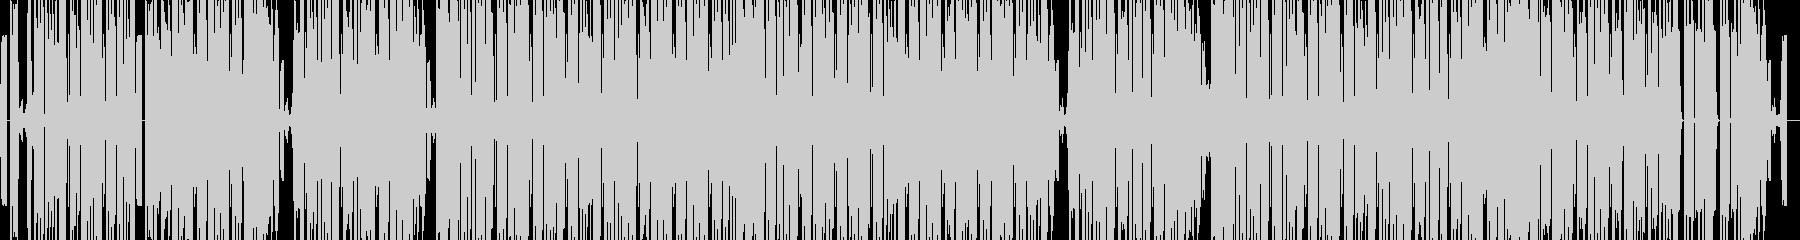 シンプルでファンキーなテクノポップの未再生の波形